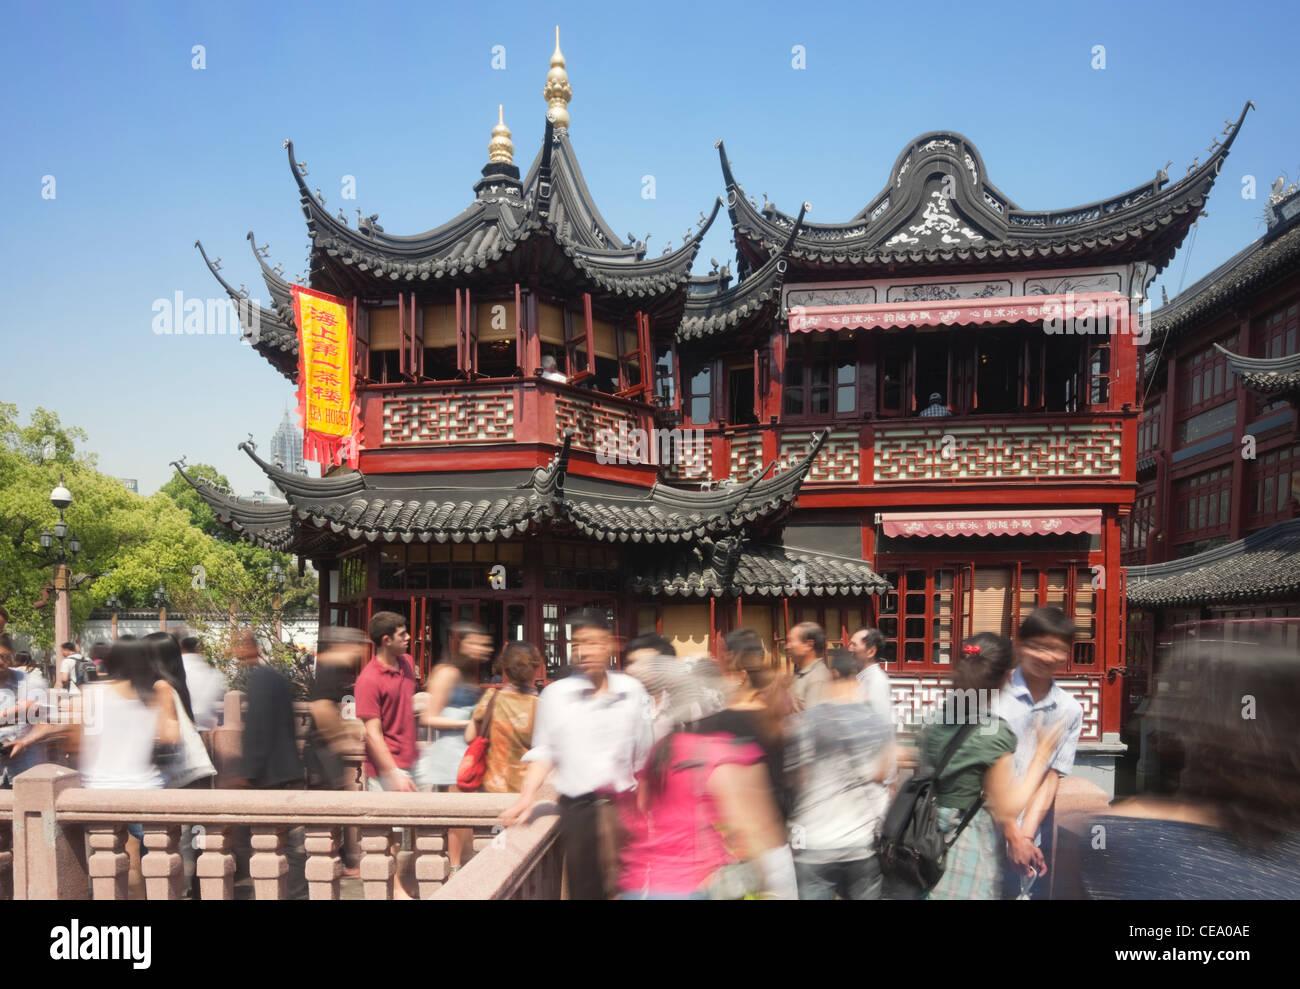 Tourists walking to Huxinting Tea House, Yu Gardens Bazaar; Yuyuan; Nanshi; Shanghai; China - Stock Image